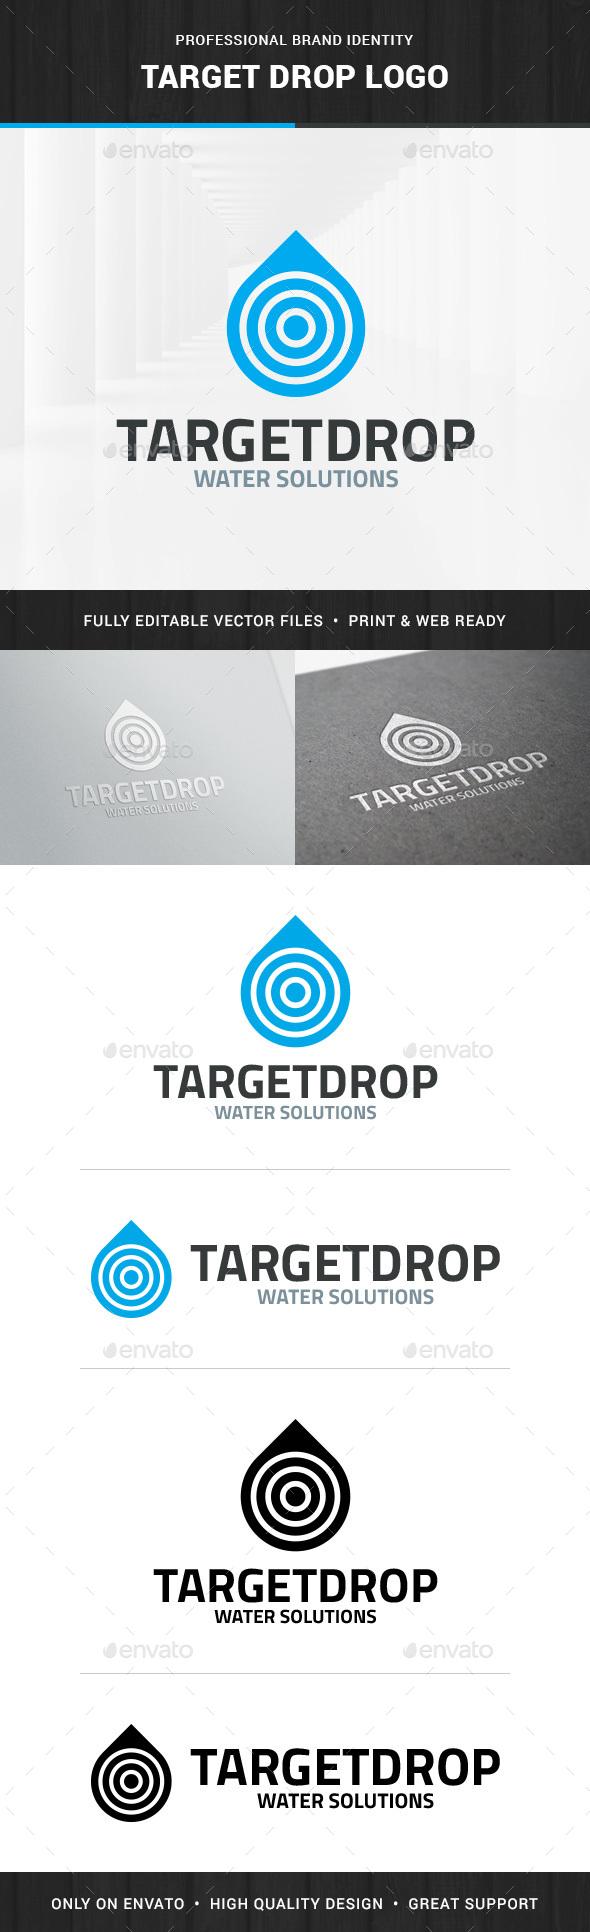 Target Drop Logo Template - Logo Templates